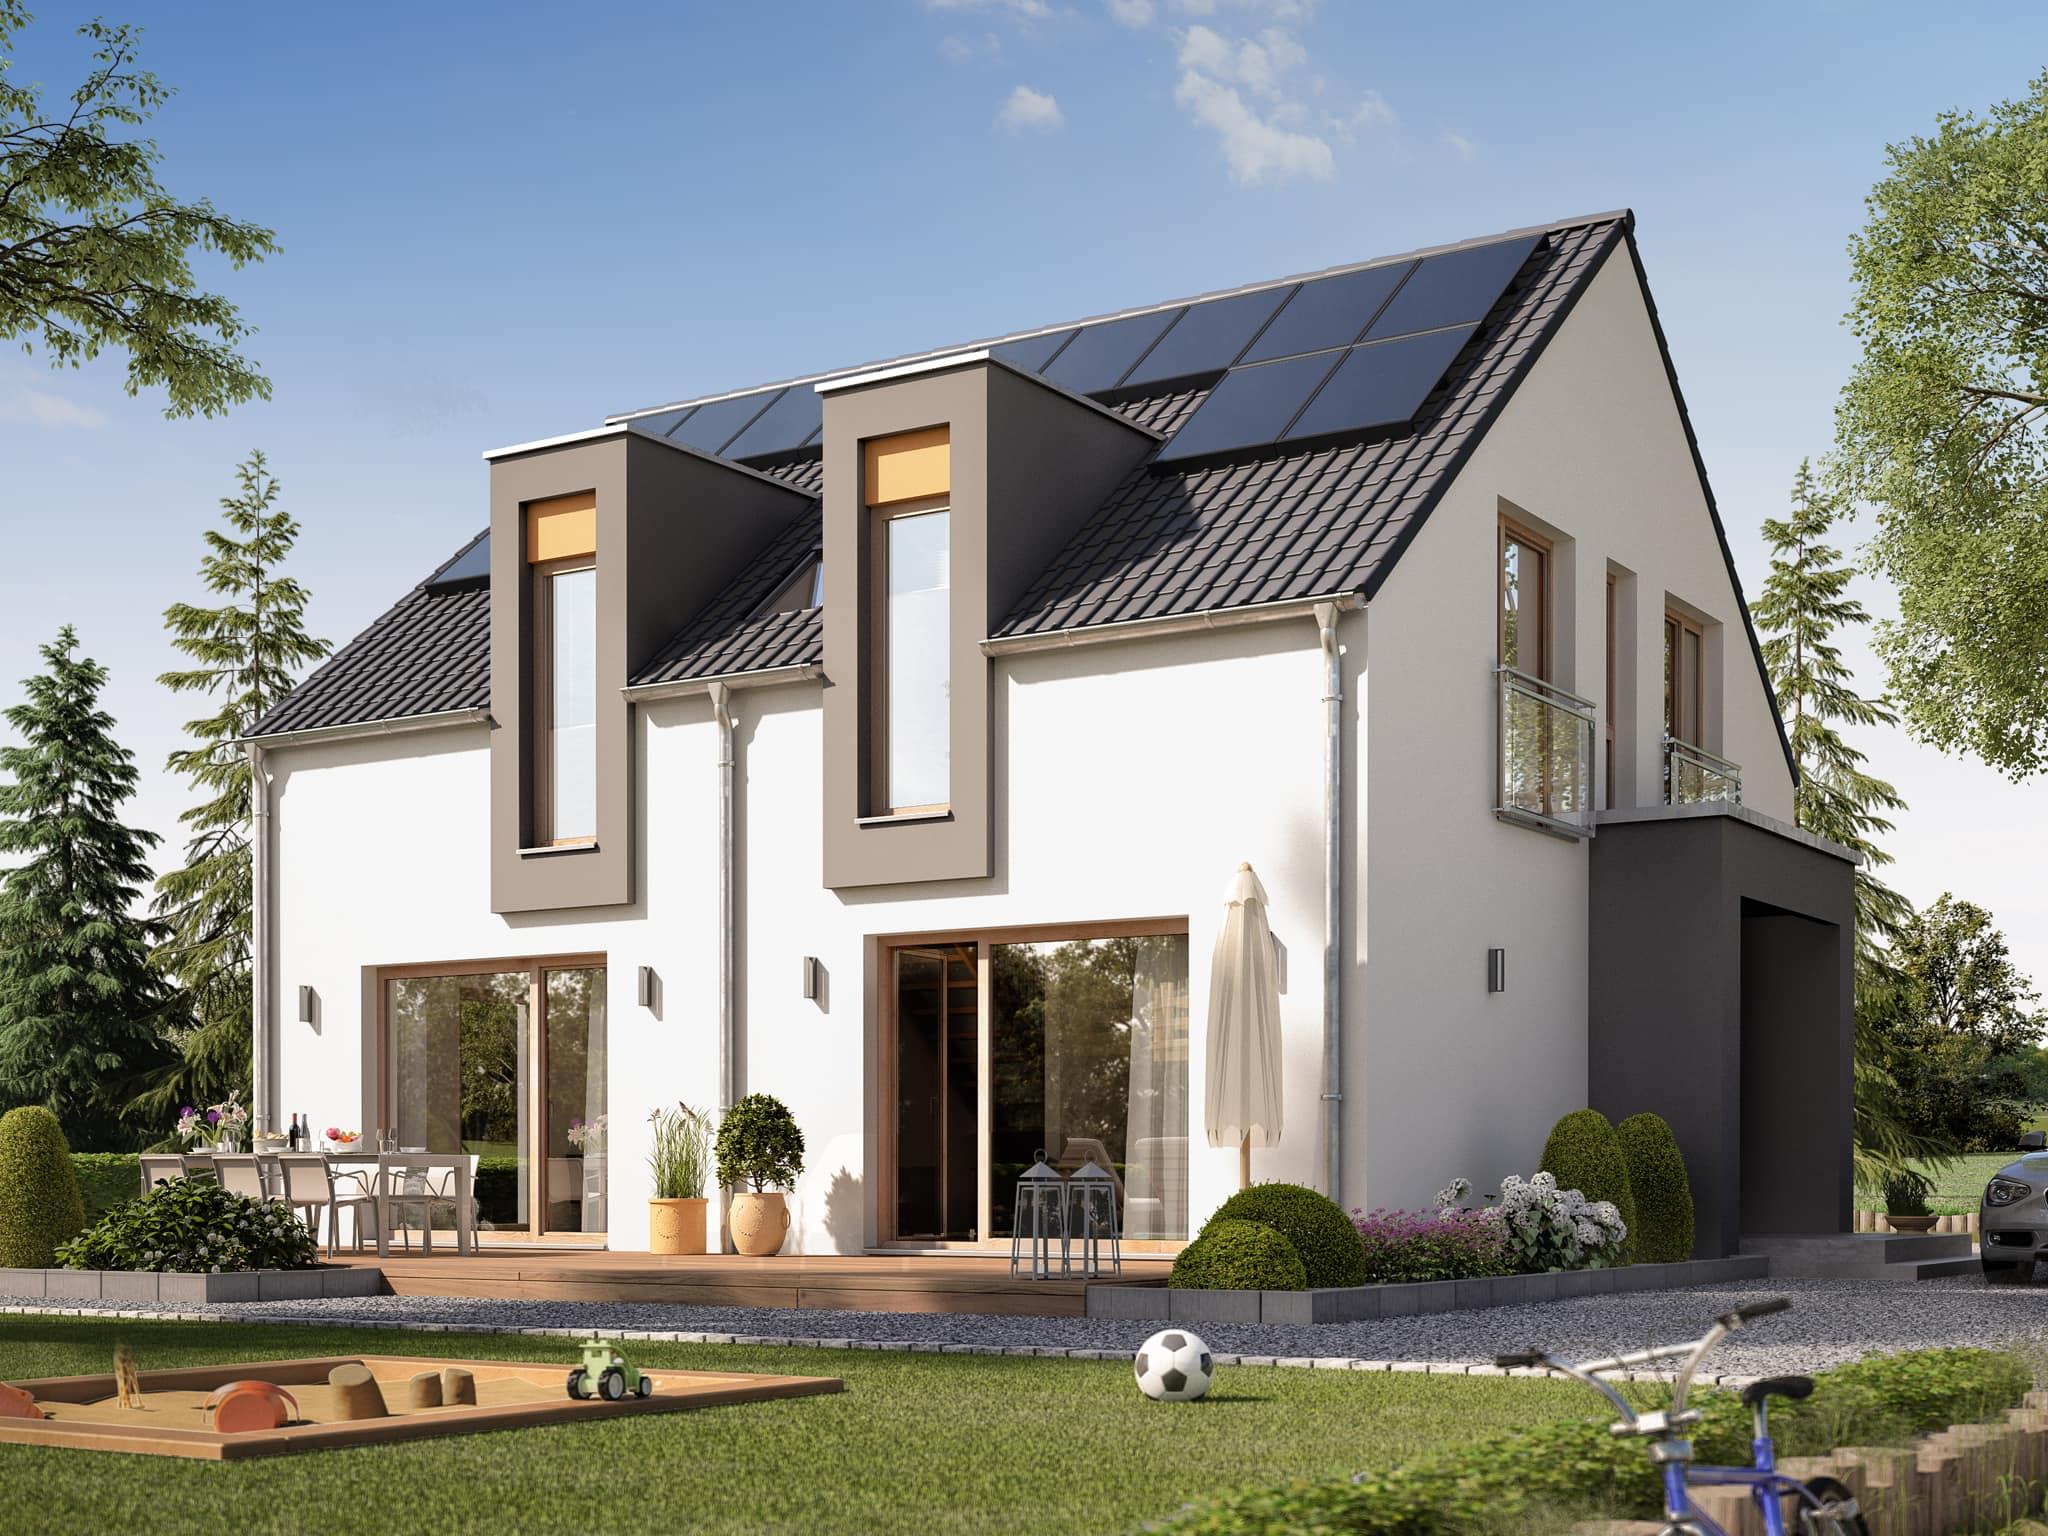 Einfamilienhaus modern mit Satteldach ohne Dachüberstand, 5 Zimmer, 150 qm - Fertighaus Living Haus SUNSHINE 154 V3 - HausbauDirekt.de